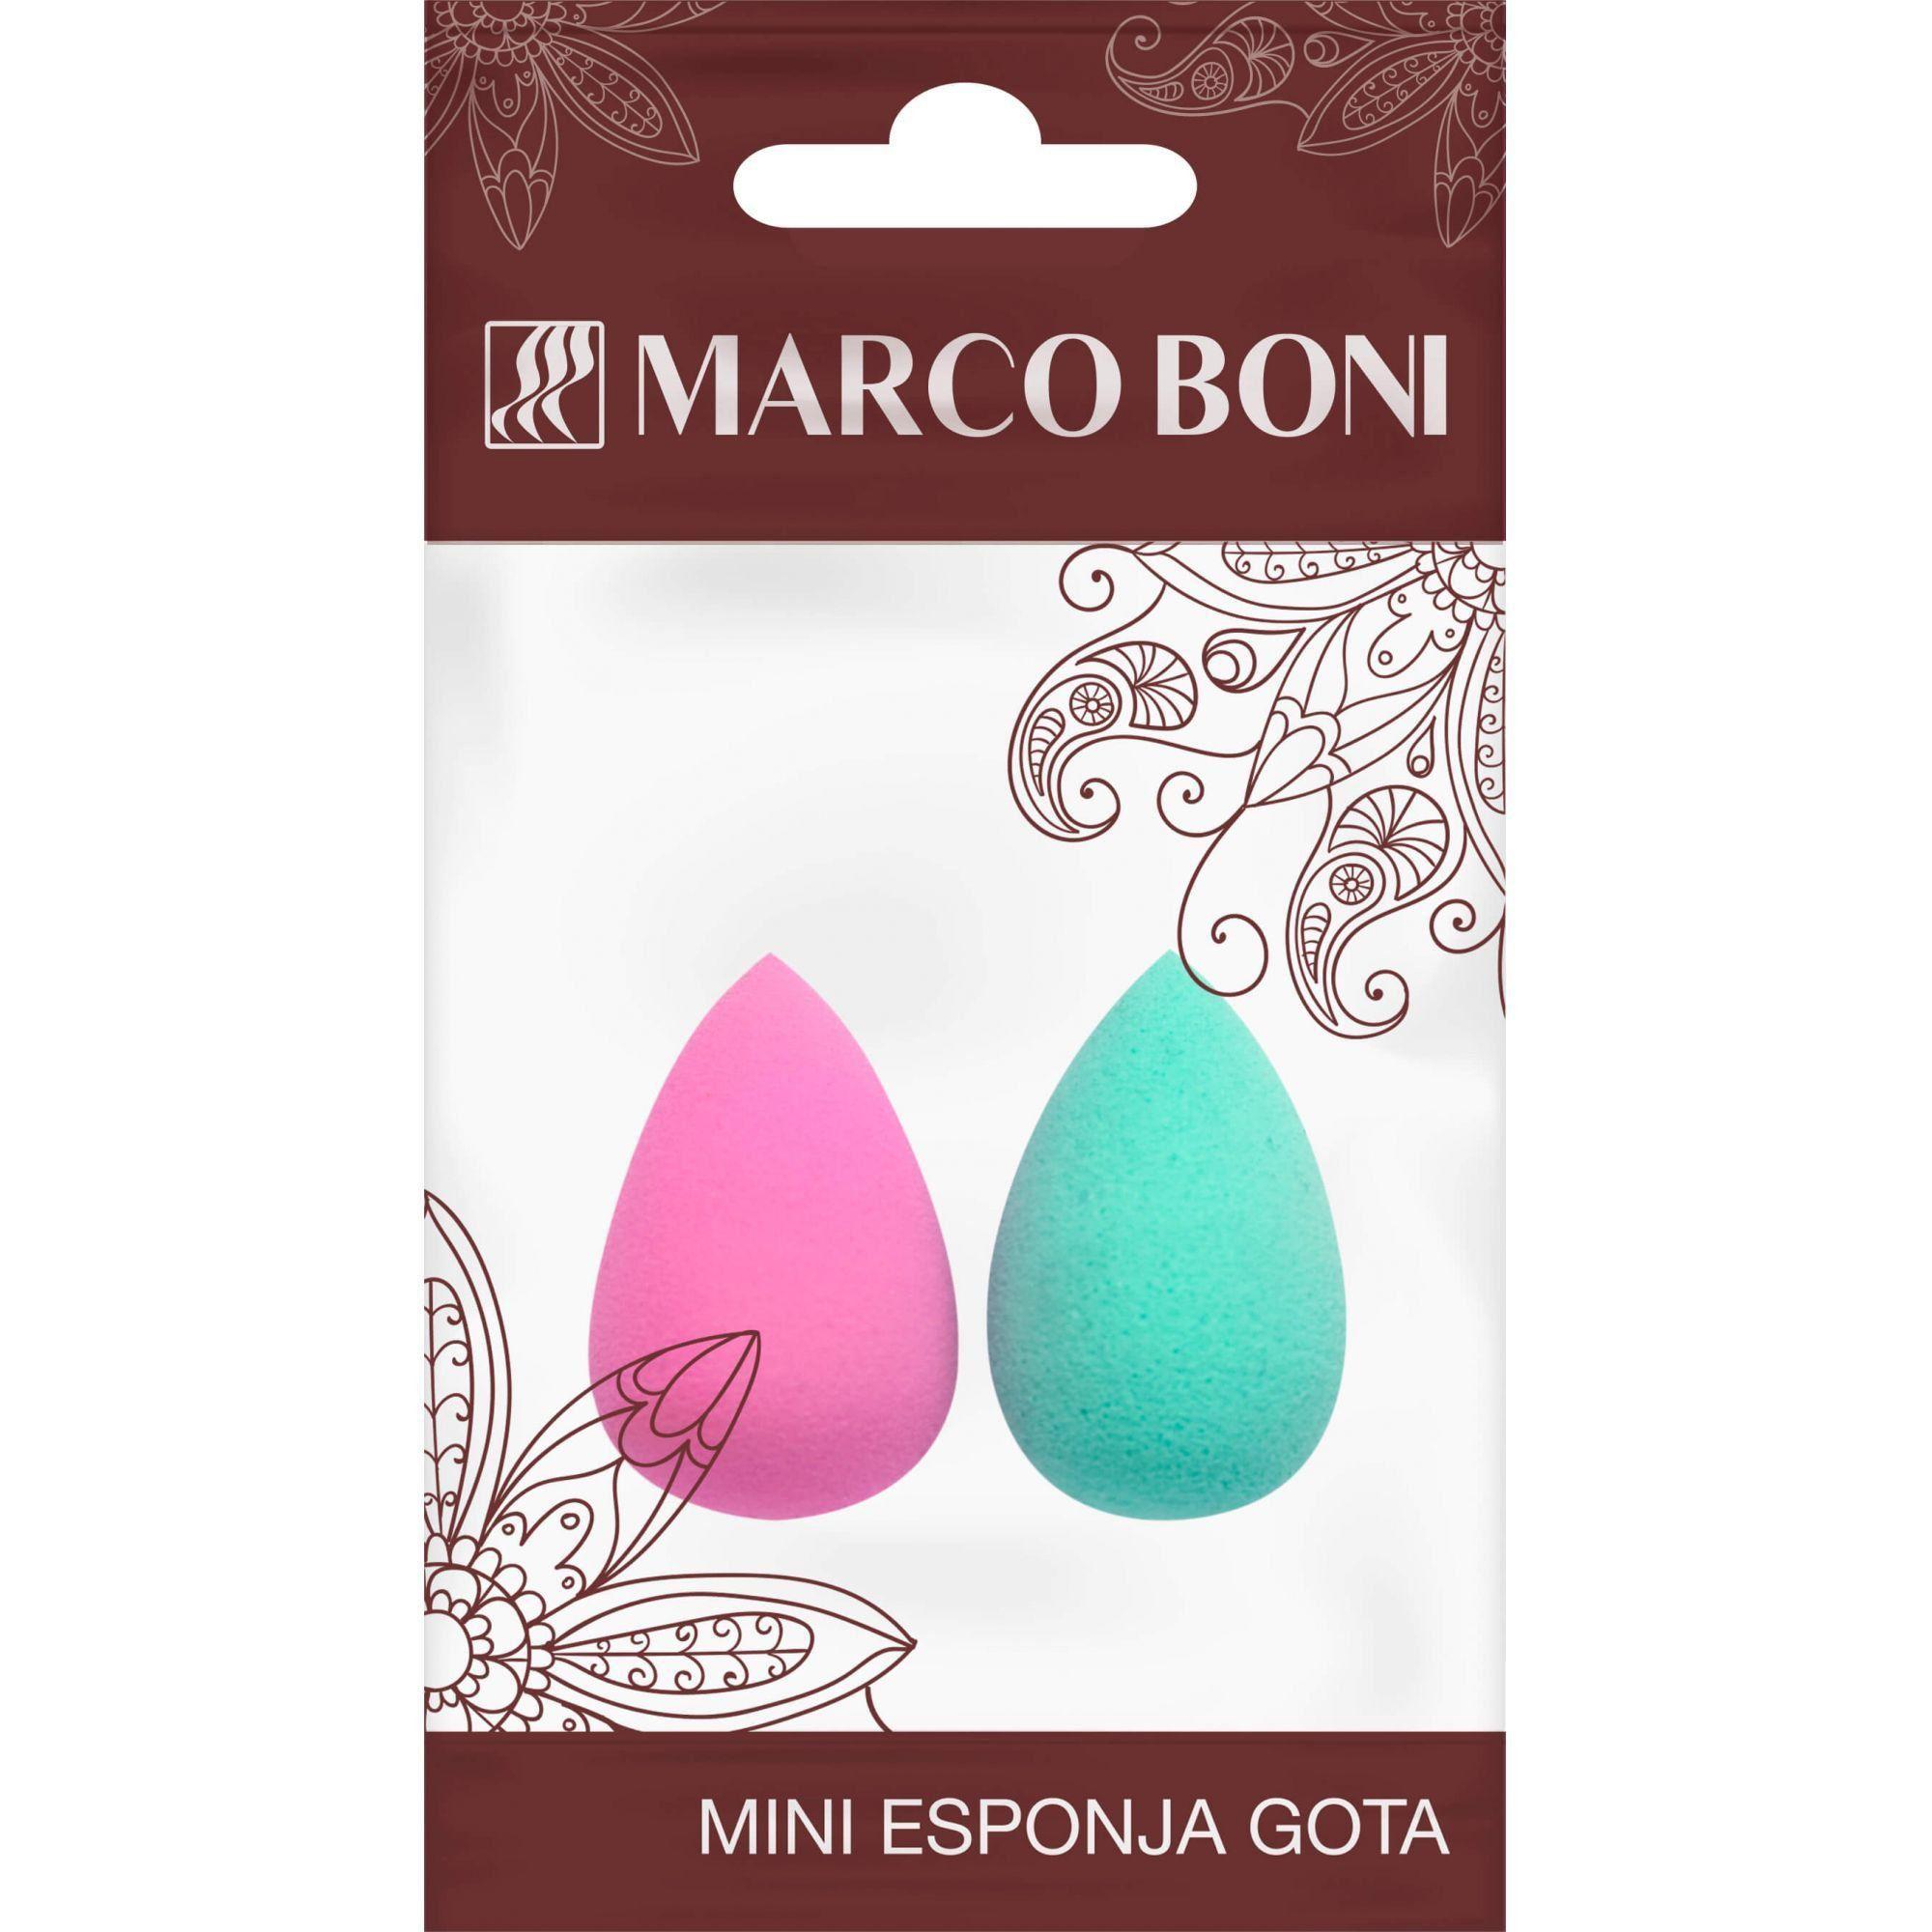 Mini Esponja Maq M Boni 8465